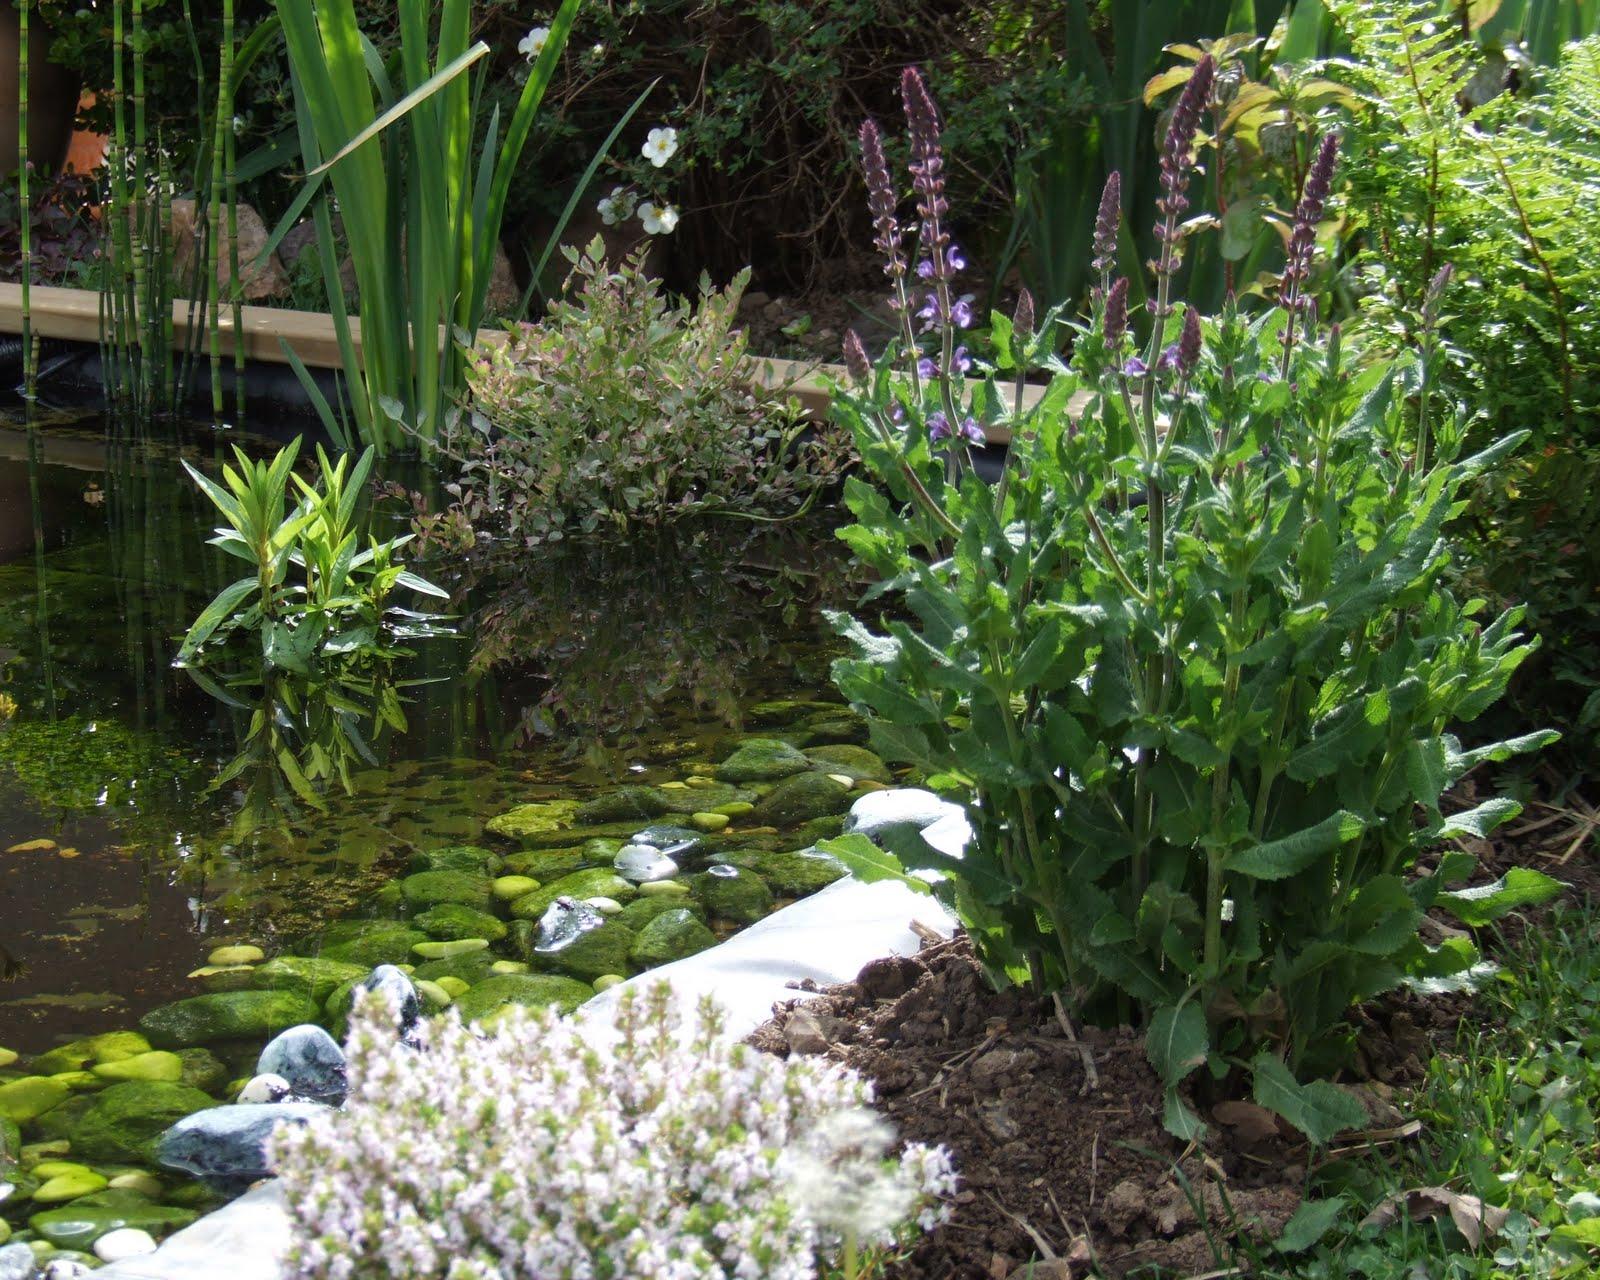 La biodiversit de mon jardin ou comment pr server et accueillir la biodiversit au jardin un for Amenager son jardin en normandie